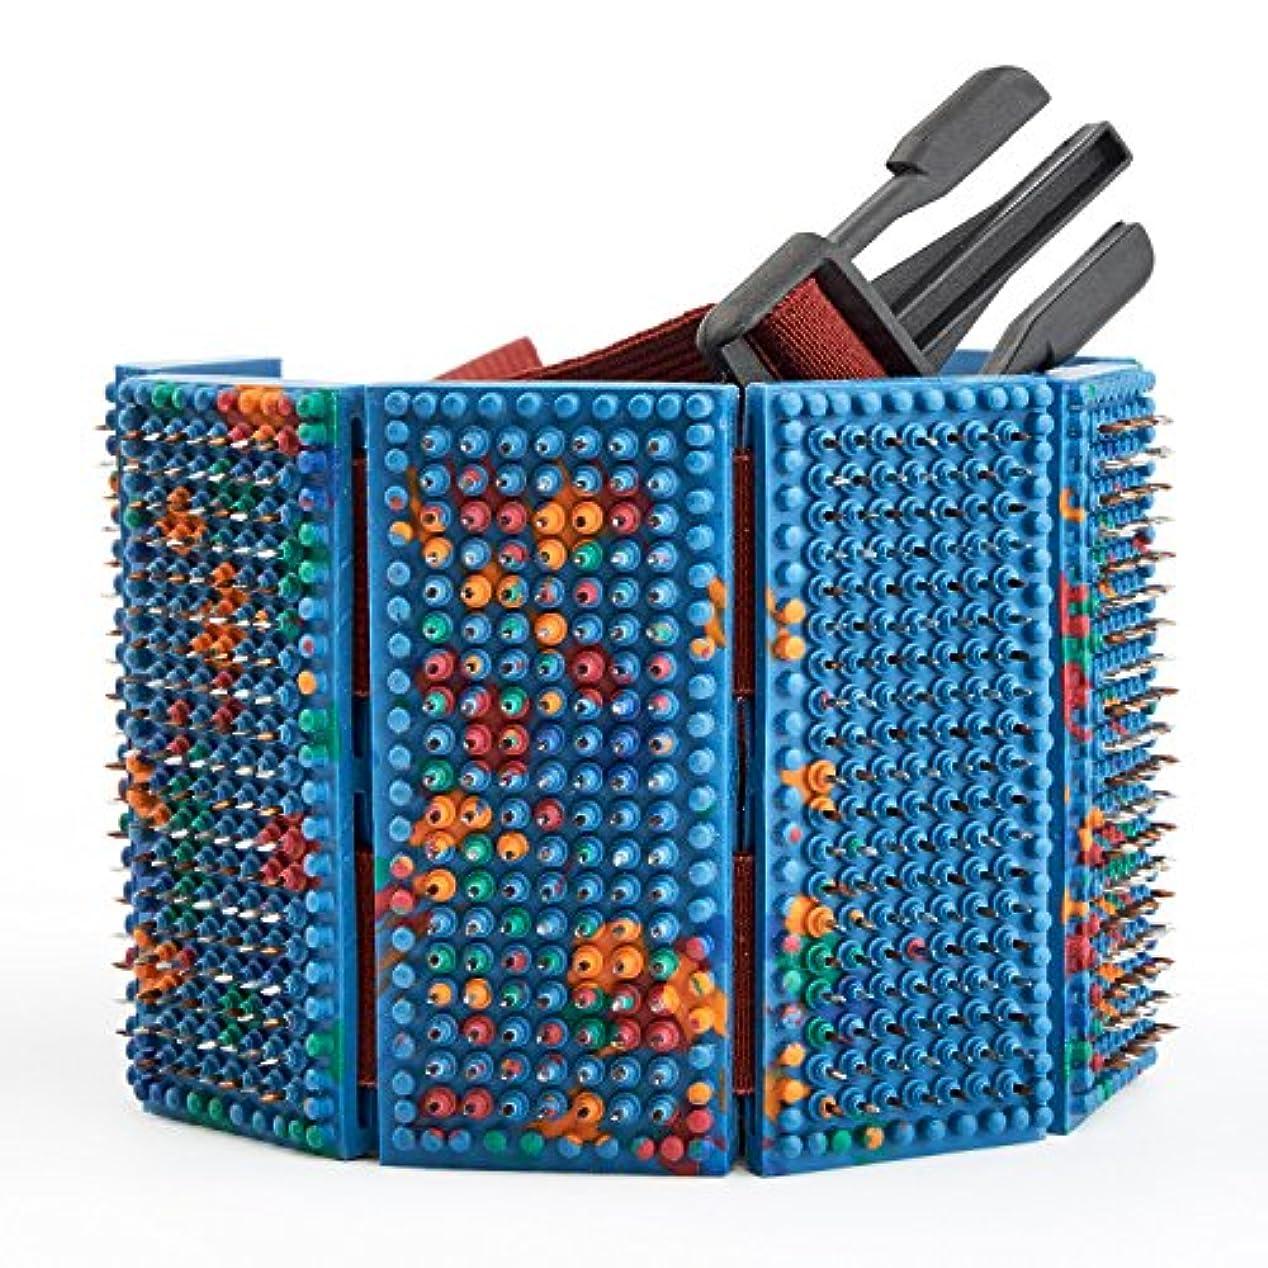 偽造肯定的密輸LYAPKO Acupuncture Belt KID 3.5 Ag 960 Needles 6 Plates with 2 Adjustable Belts. Premium Acupressure Massager...